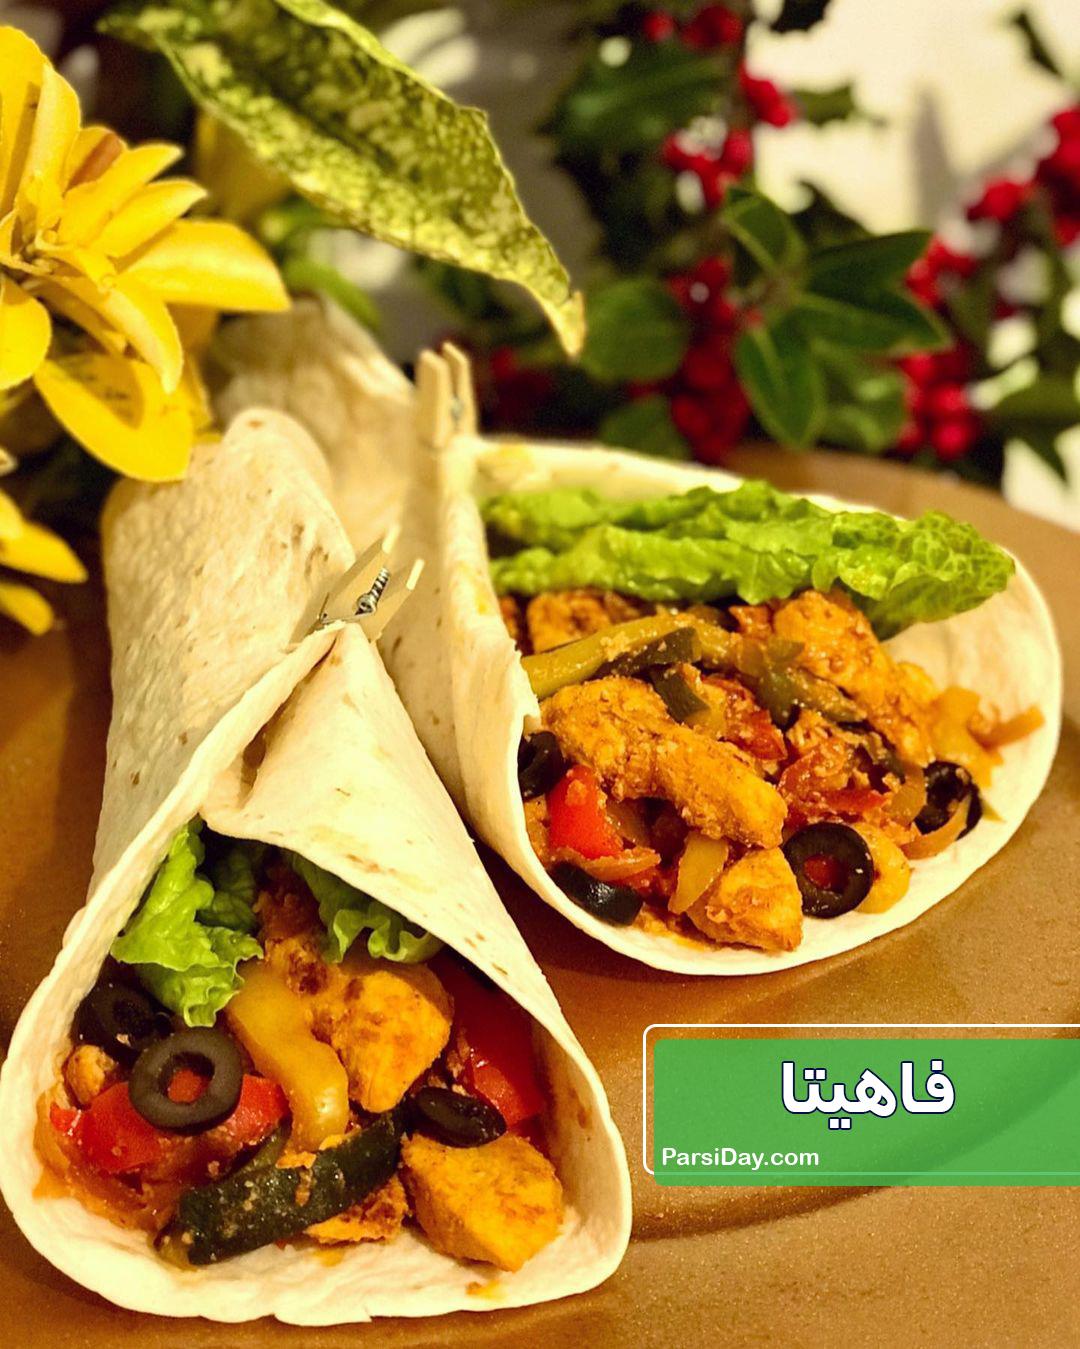 طرز تهیه فاهیتا مرغ مکزیکی خوشمزه و آسان با نان ترتیلا